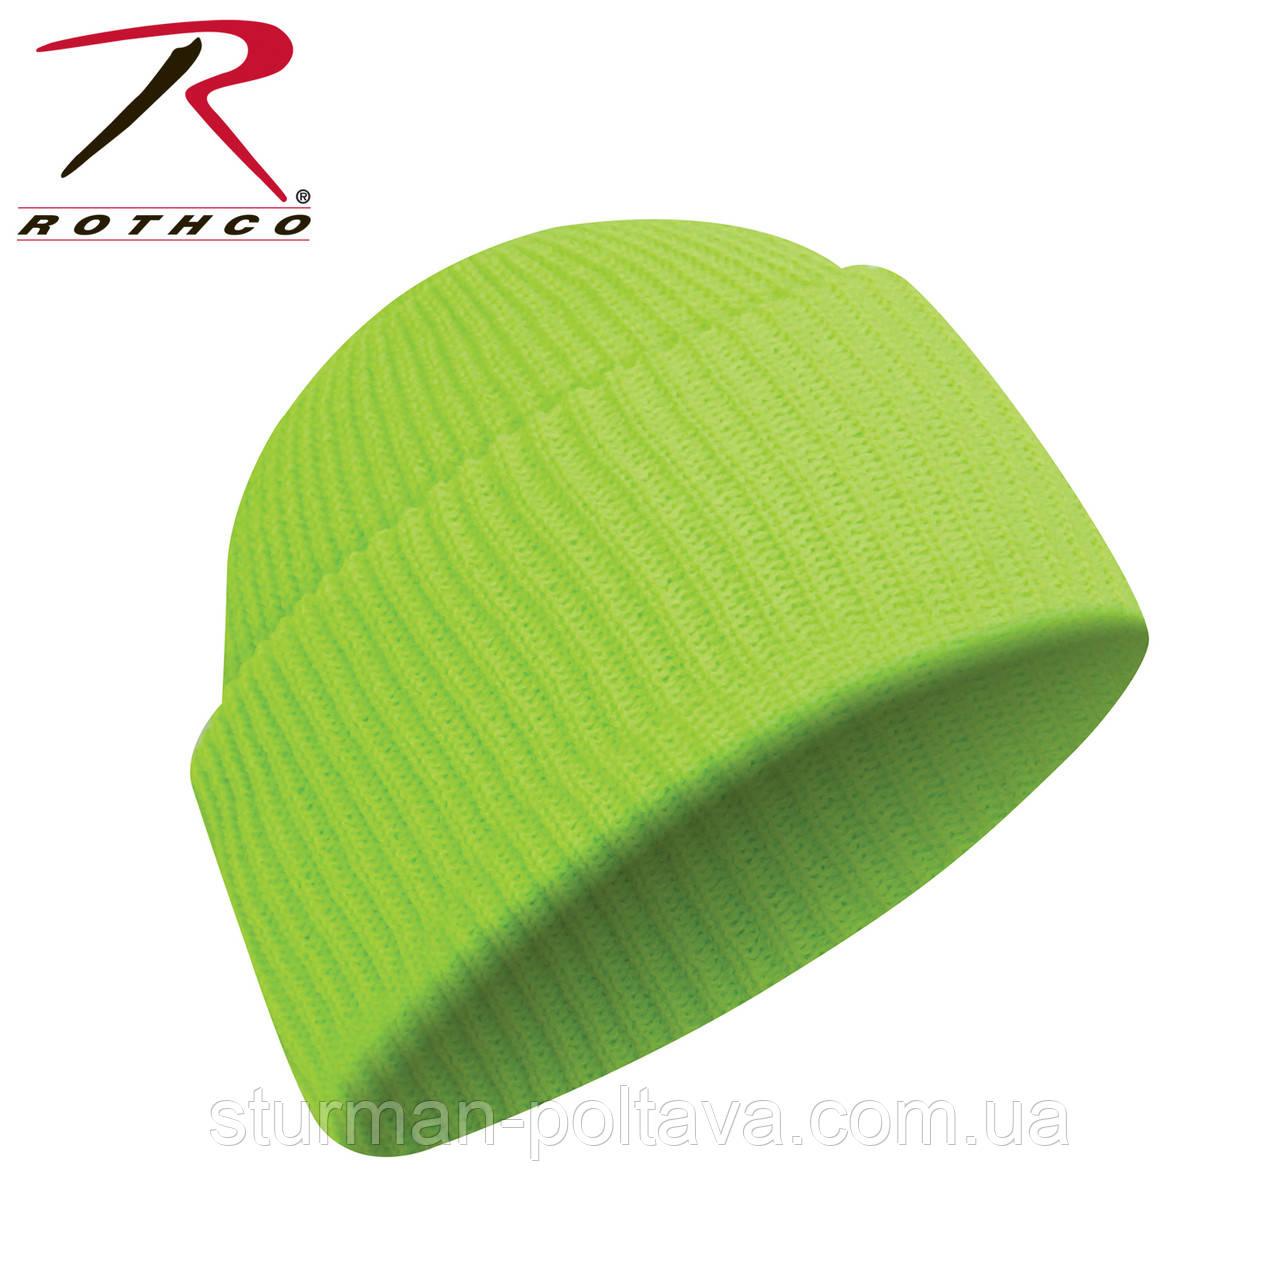 Шапка  мужская акриловая  цвет салатовый   Deluxe Fine Knit  Rotcho  USA